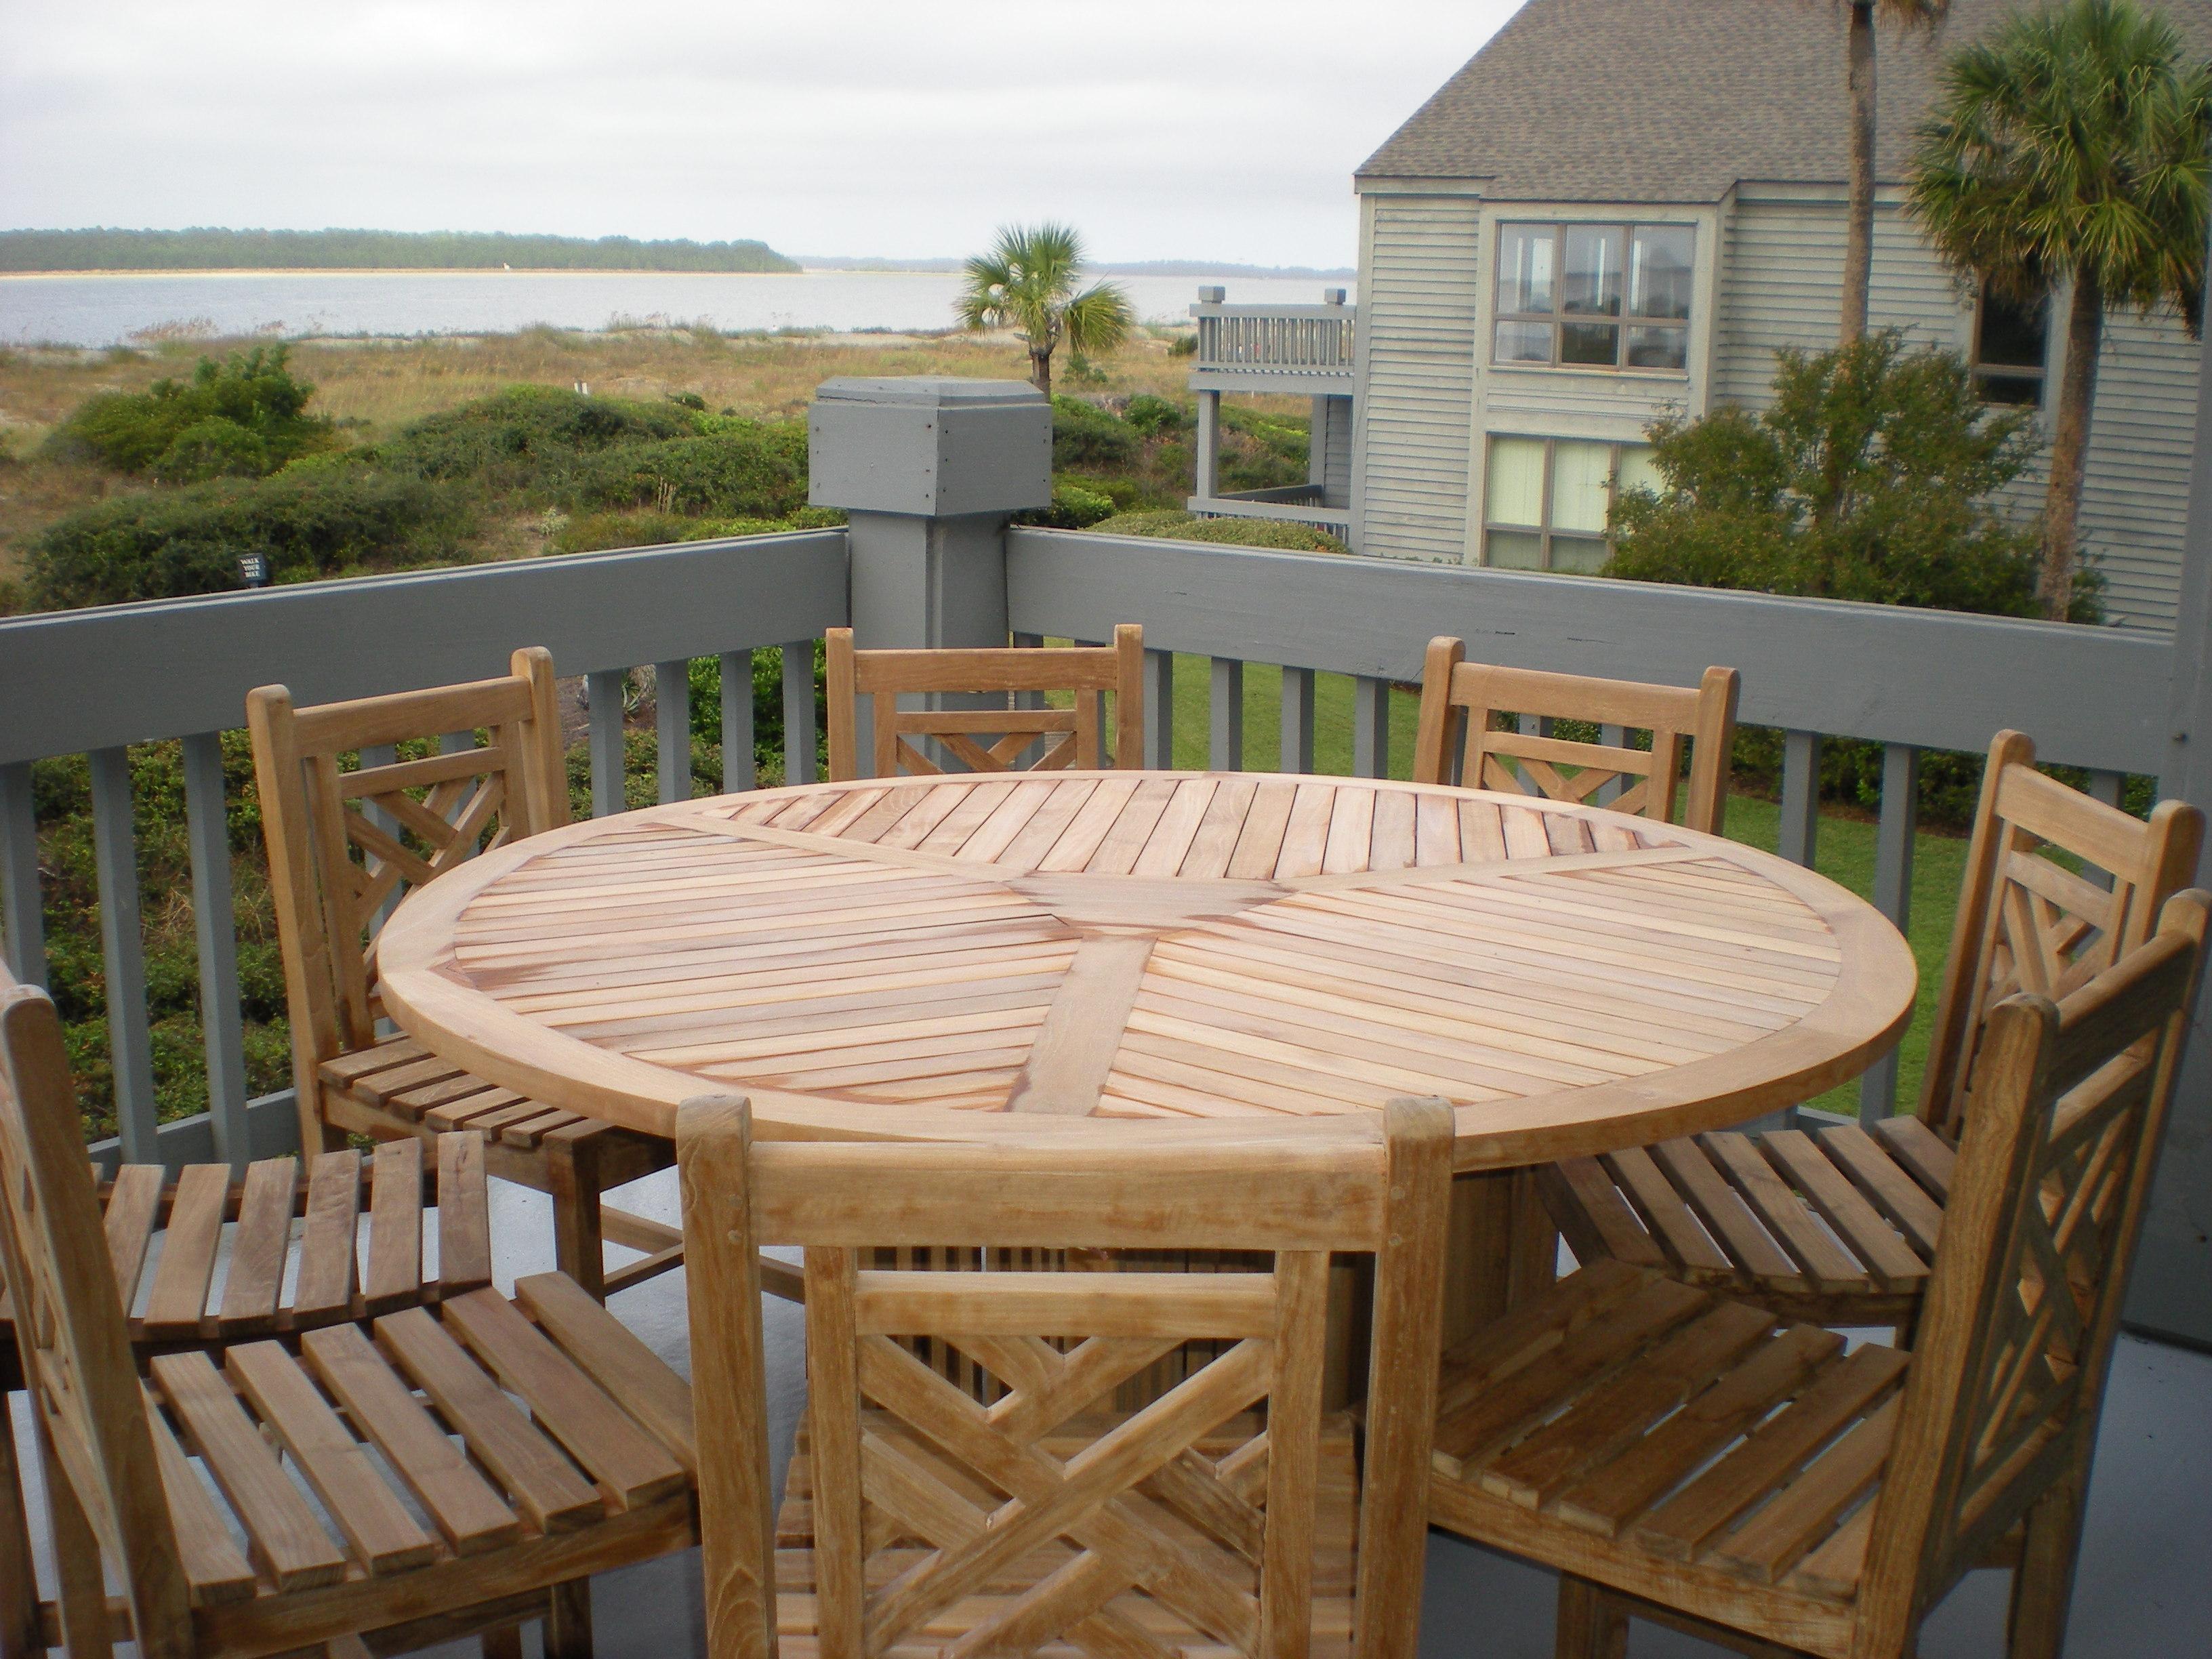 100 Outdoor Furniture Rental Danville Danville Va